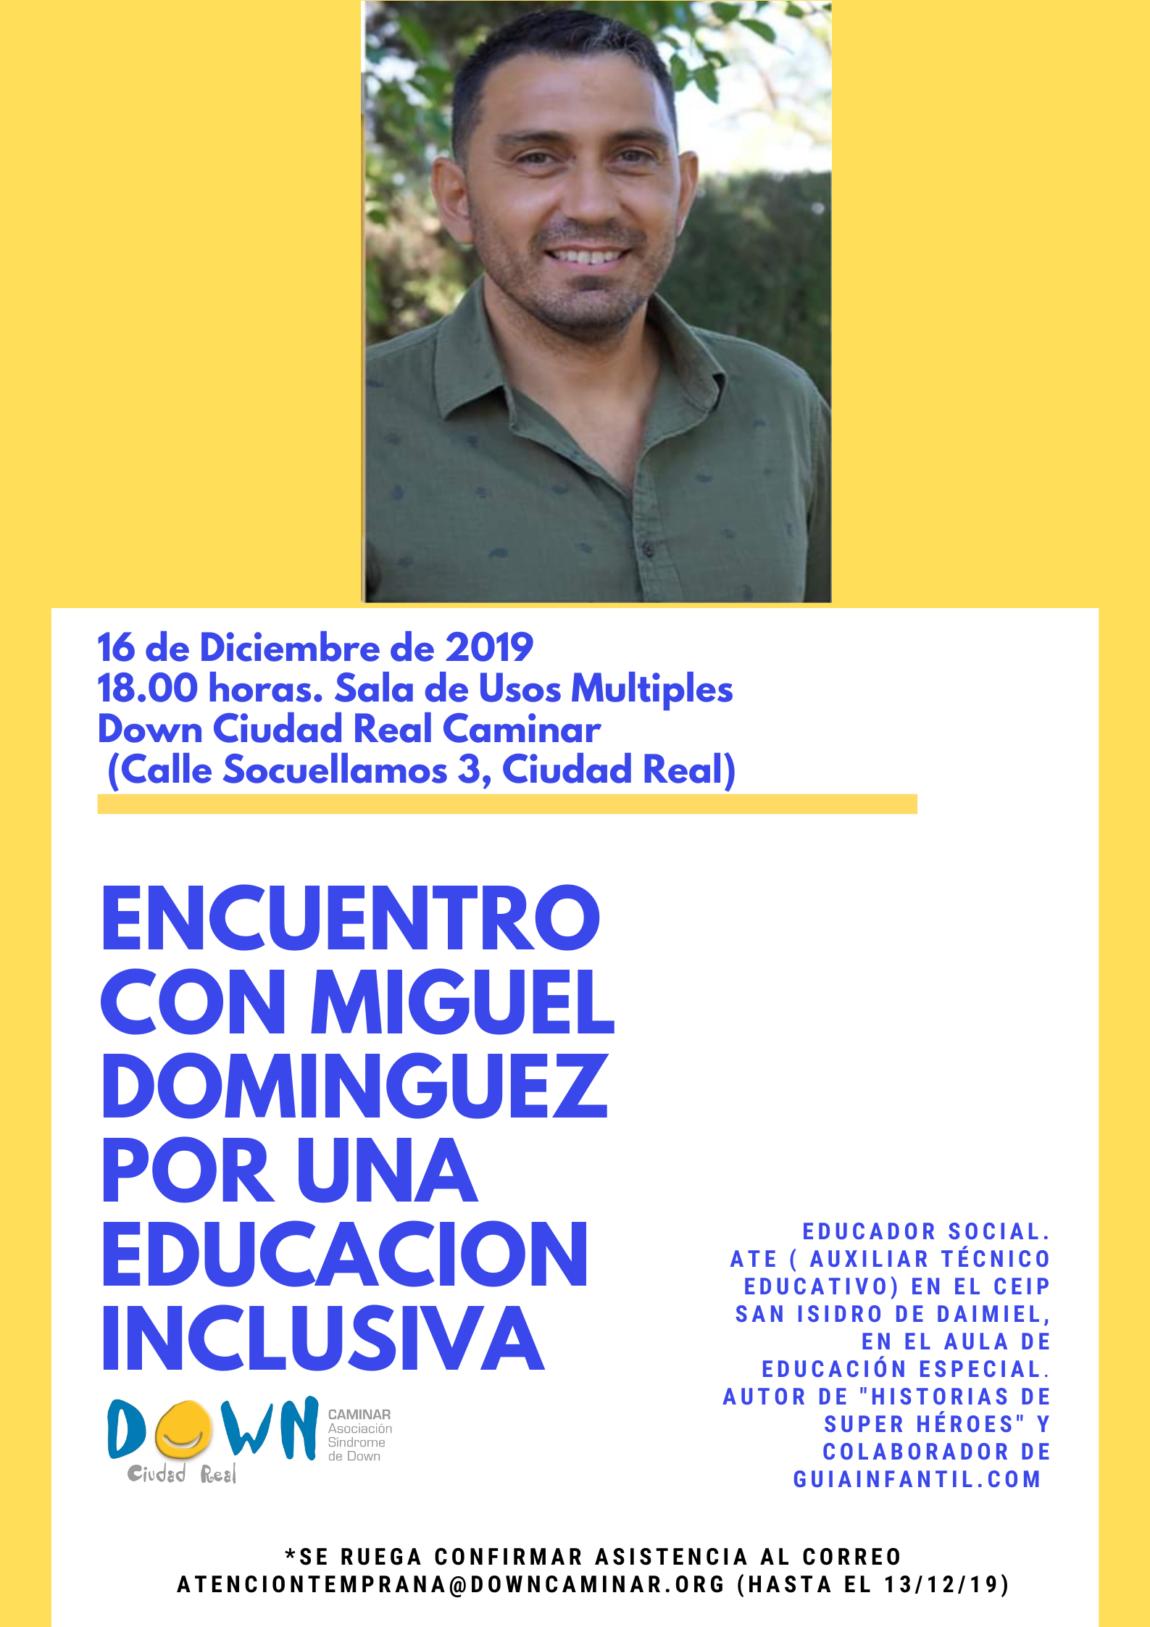 Encuentro Con Miguel Dominguez por una Educación Inclusiva